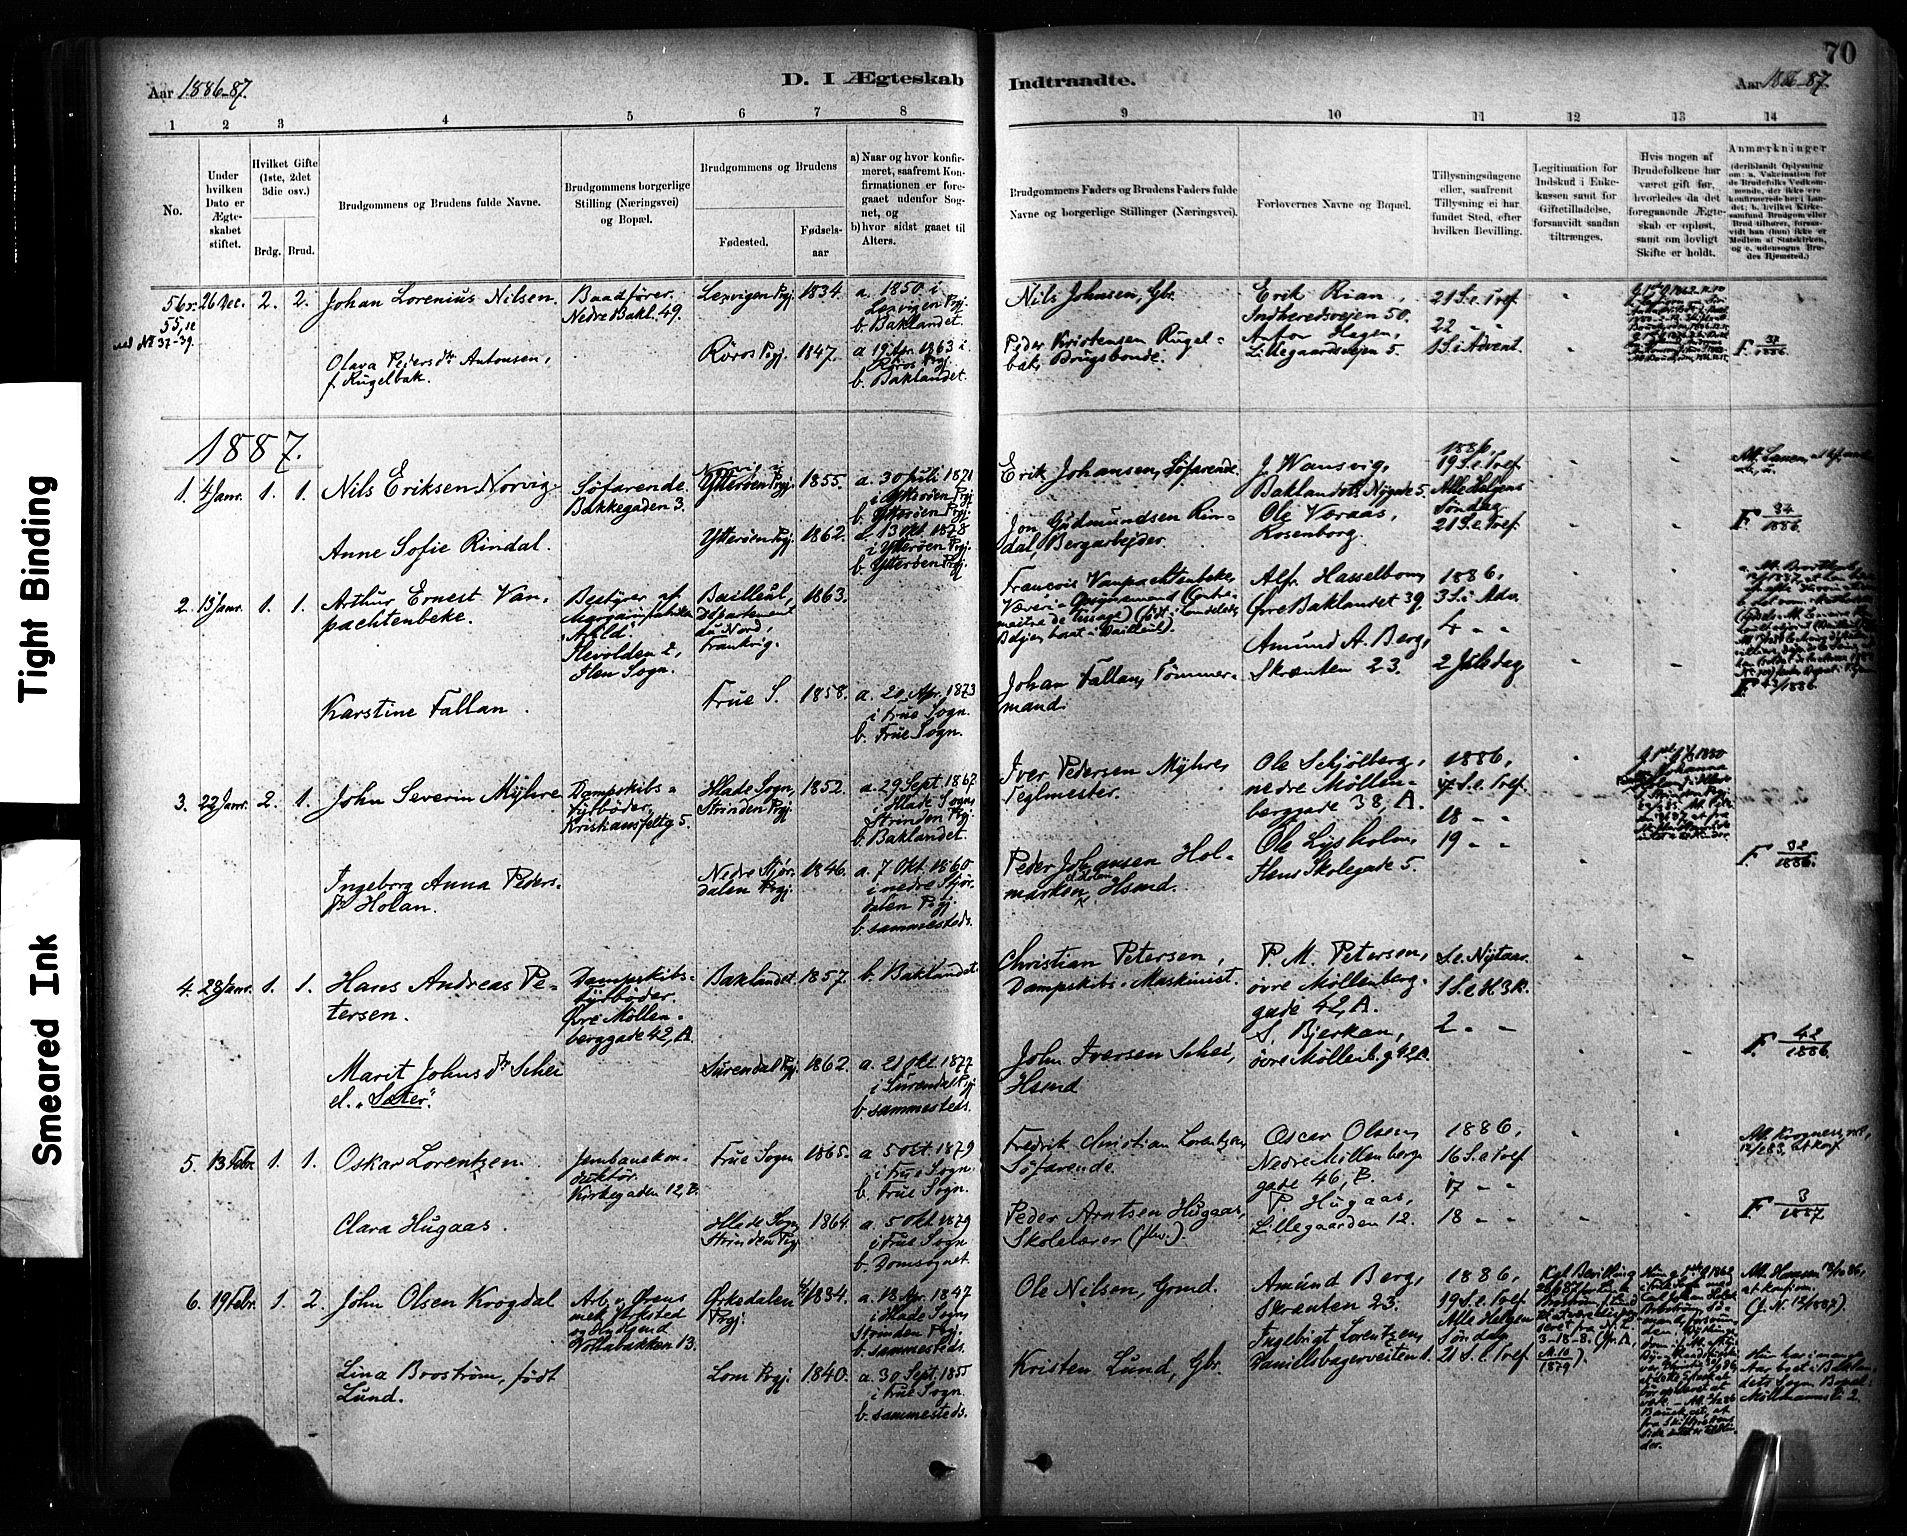 SAT, Ministerialprotokoller, klokkerbøker og fødselsregistre - Sør-Trøndelag, 604/L0189: Ministerialbok nr. 604A10, 1878-1892, s. 70